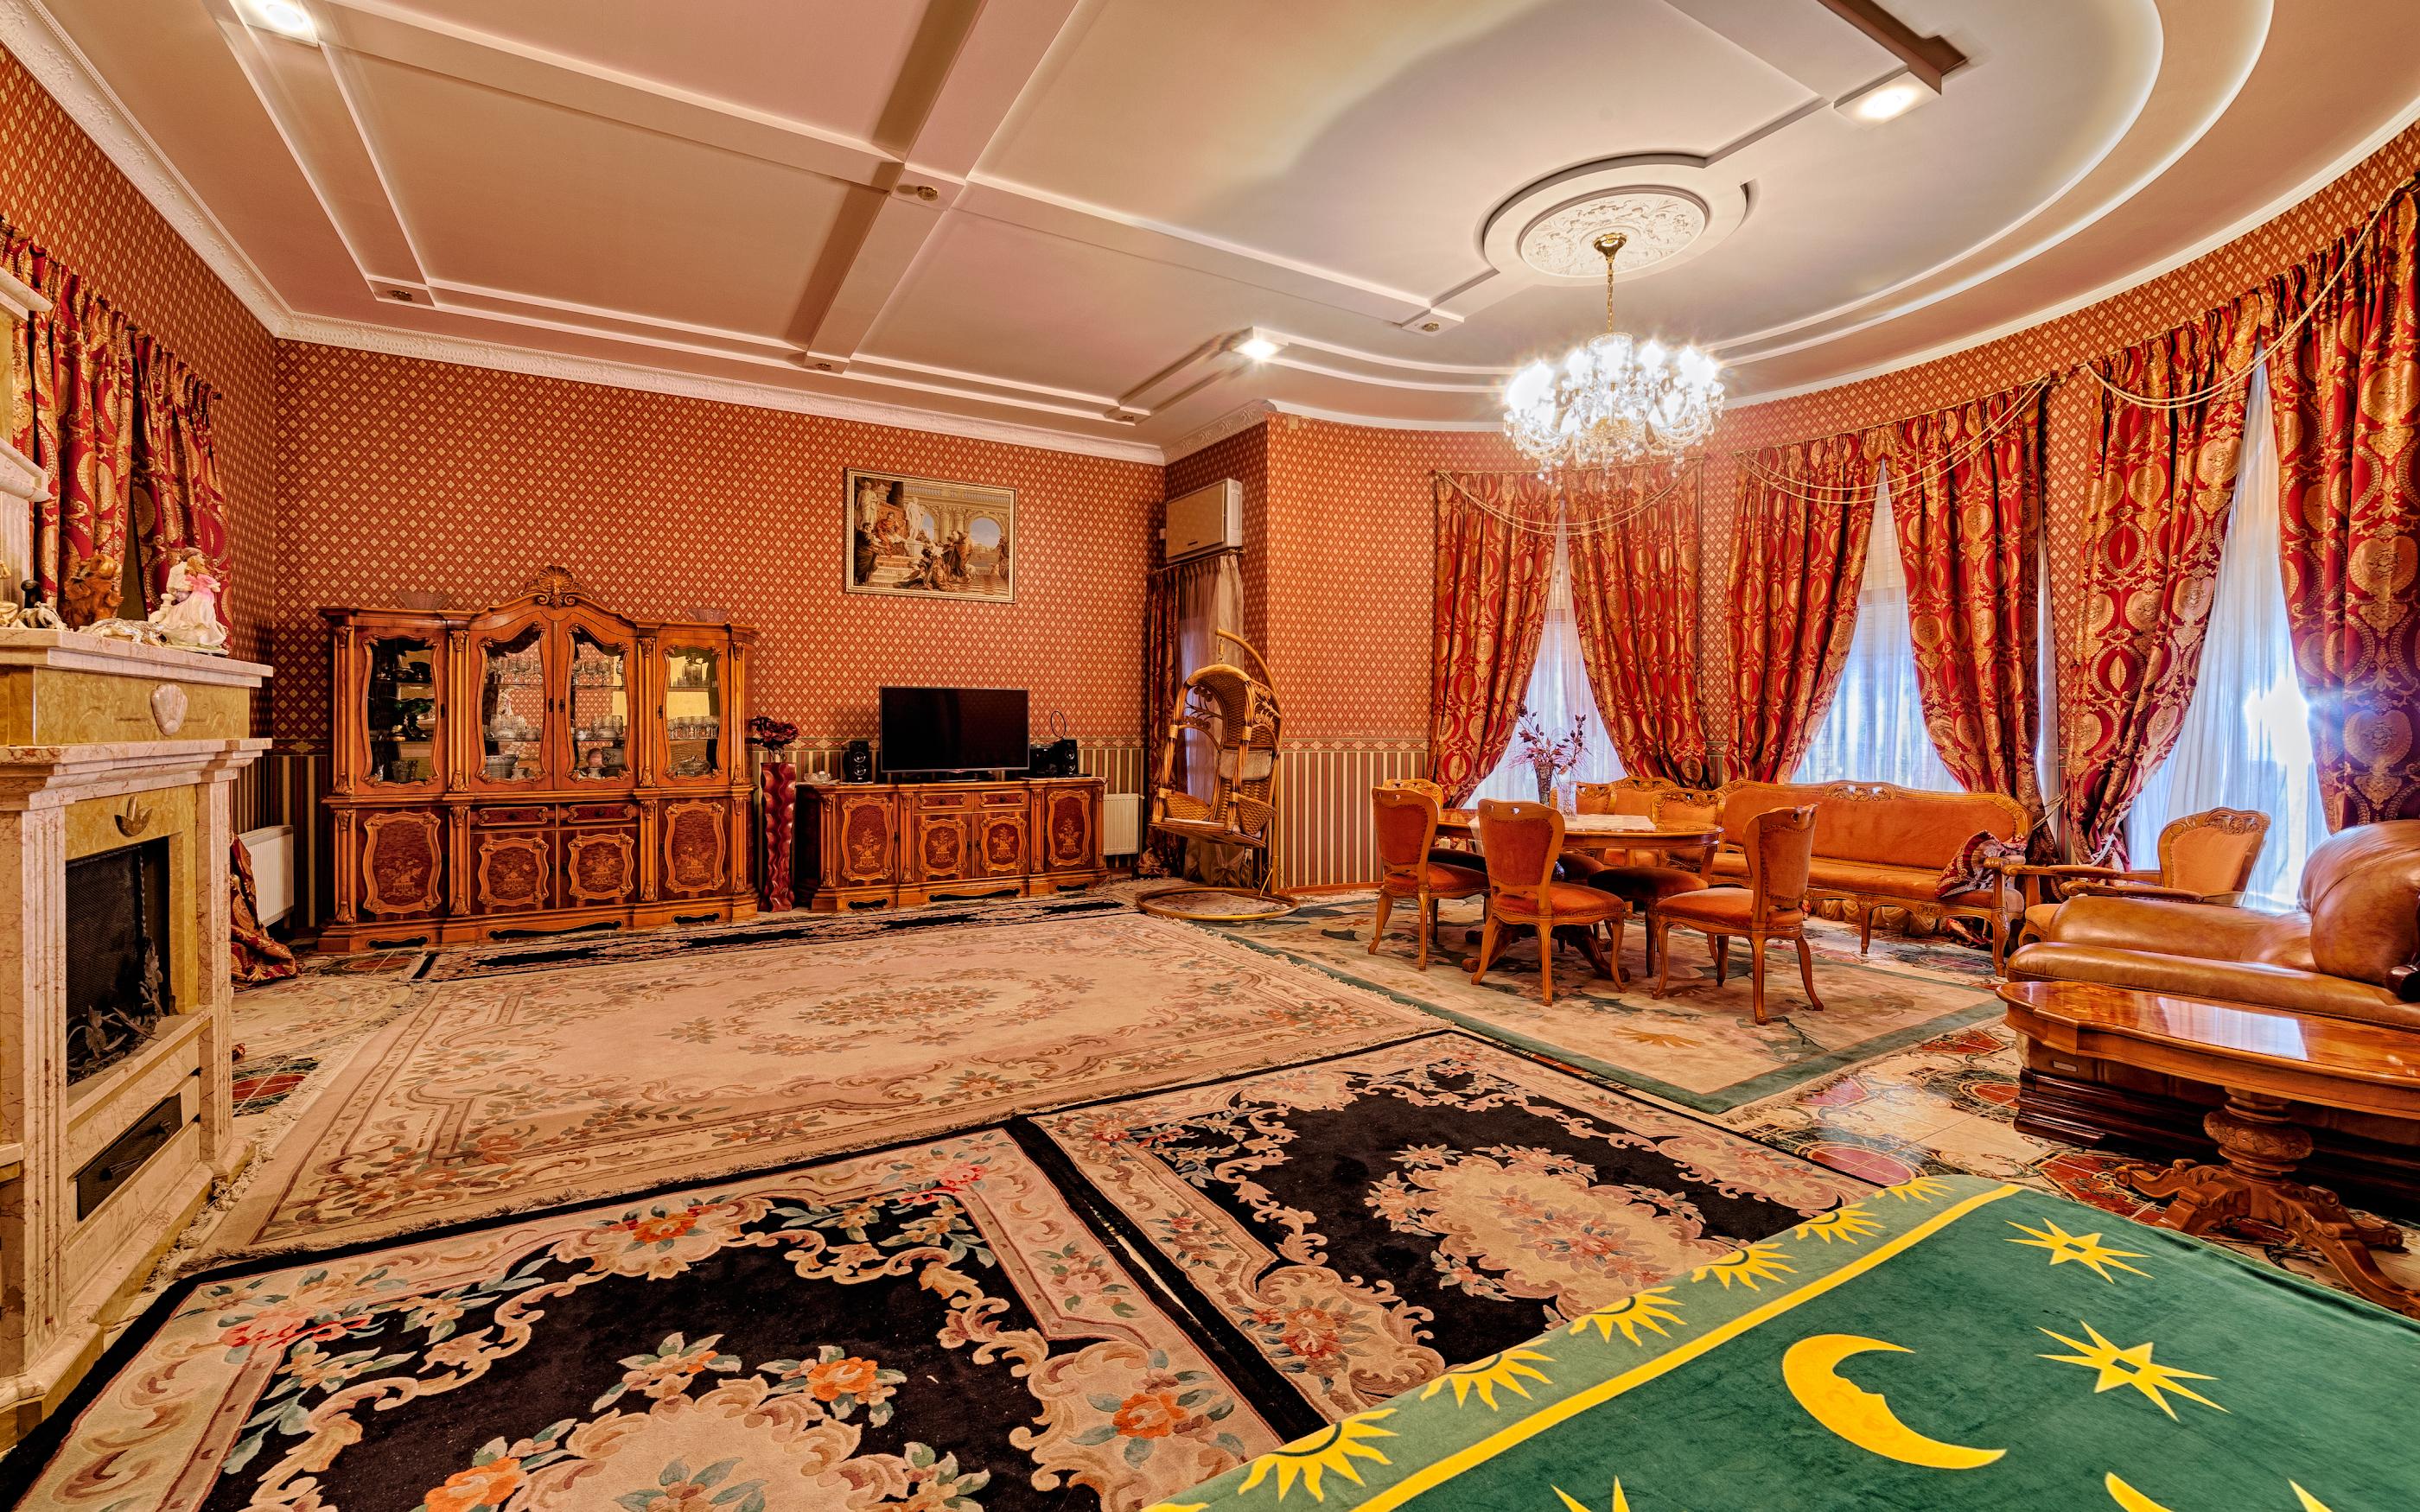 Sale private home for hotel in odessa ukraine odessa for Private estates for sale